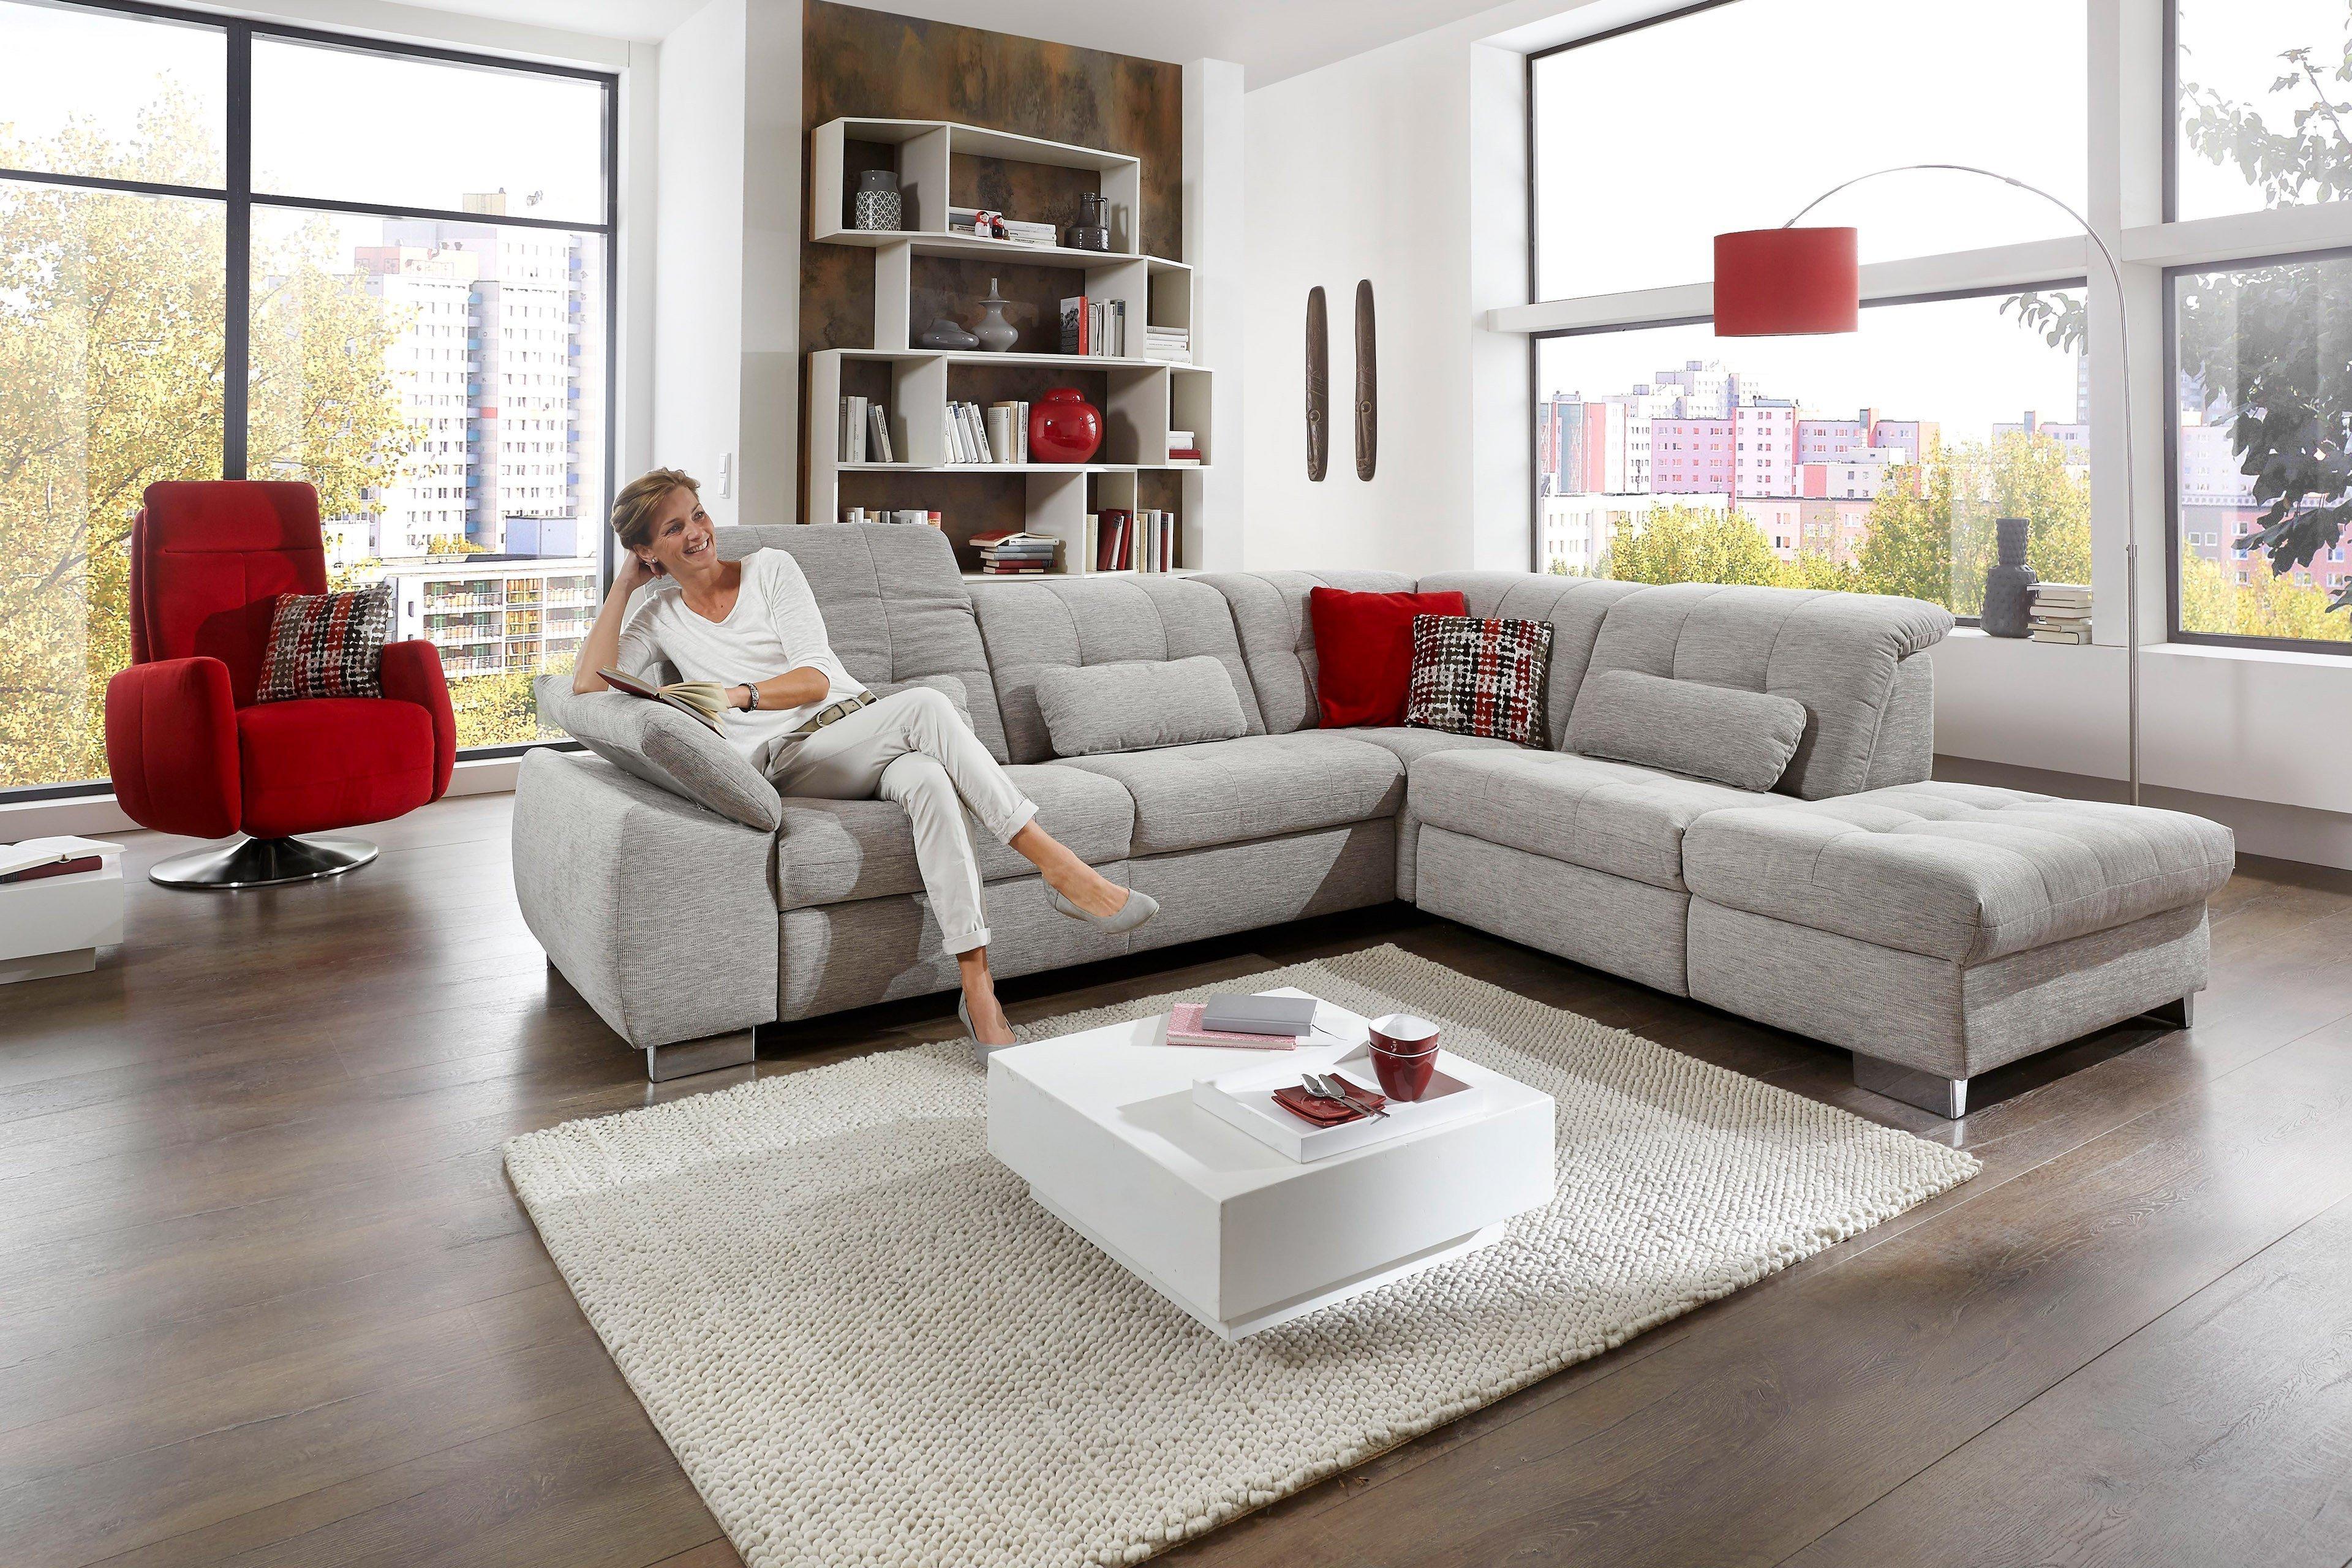 megapol ivory ecksofa hellgrau m bel letz ihr online shop. Black Bedroom Furniture Sets. Home Design Ideas